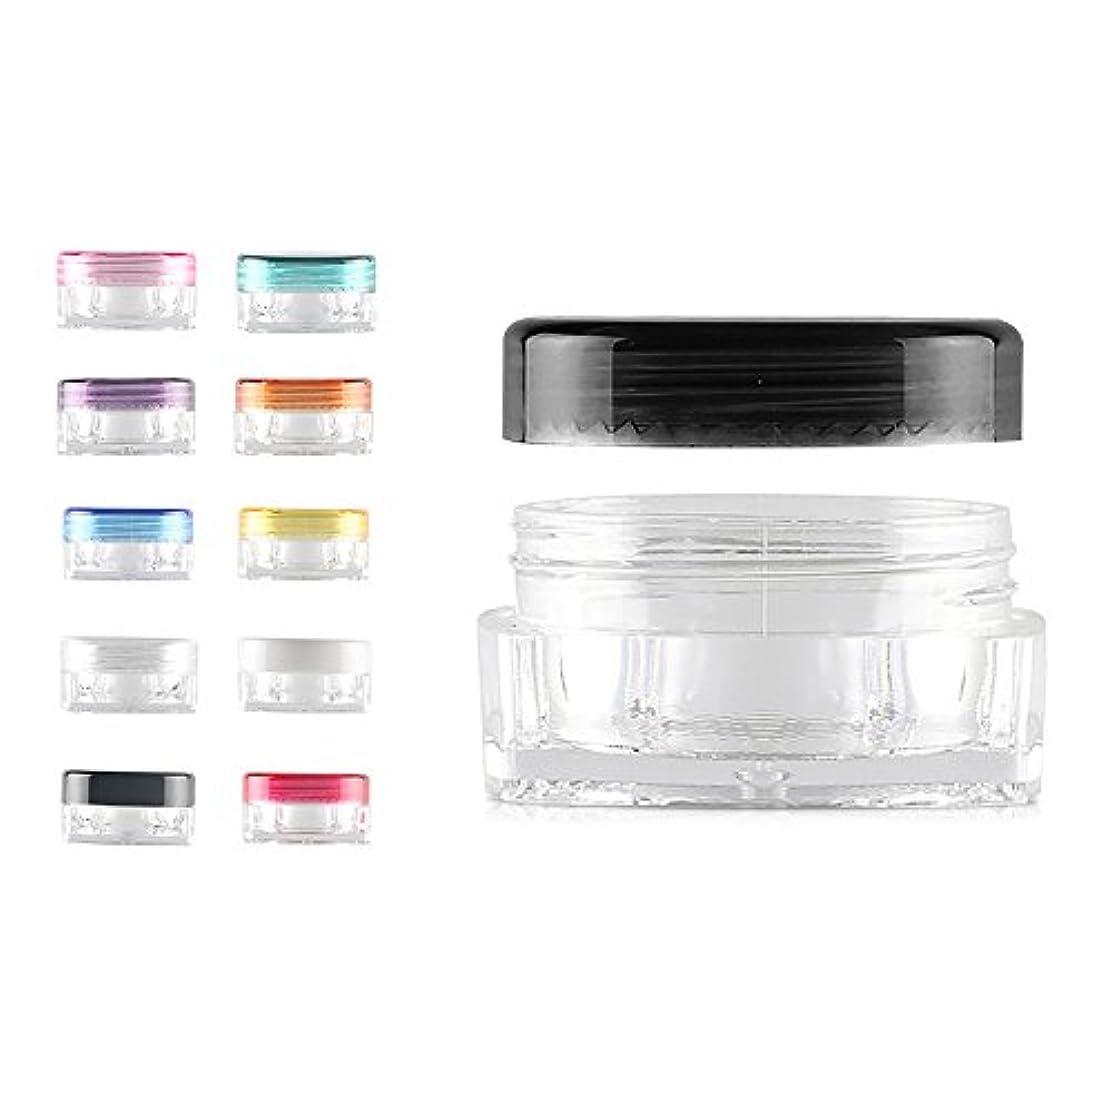 関連する準備天国12 PCS熱望薄型デザインミニリップクリームサンプルコンテナ クリーム ネイルアート製品(3g 5g) BPAフリー用トラベル化粧品の瓶 - ブラック - 3g